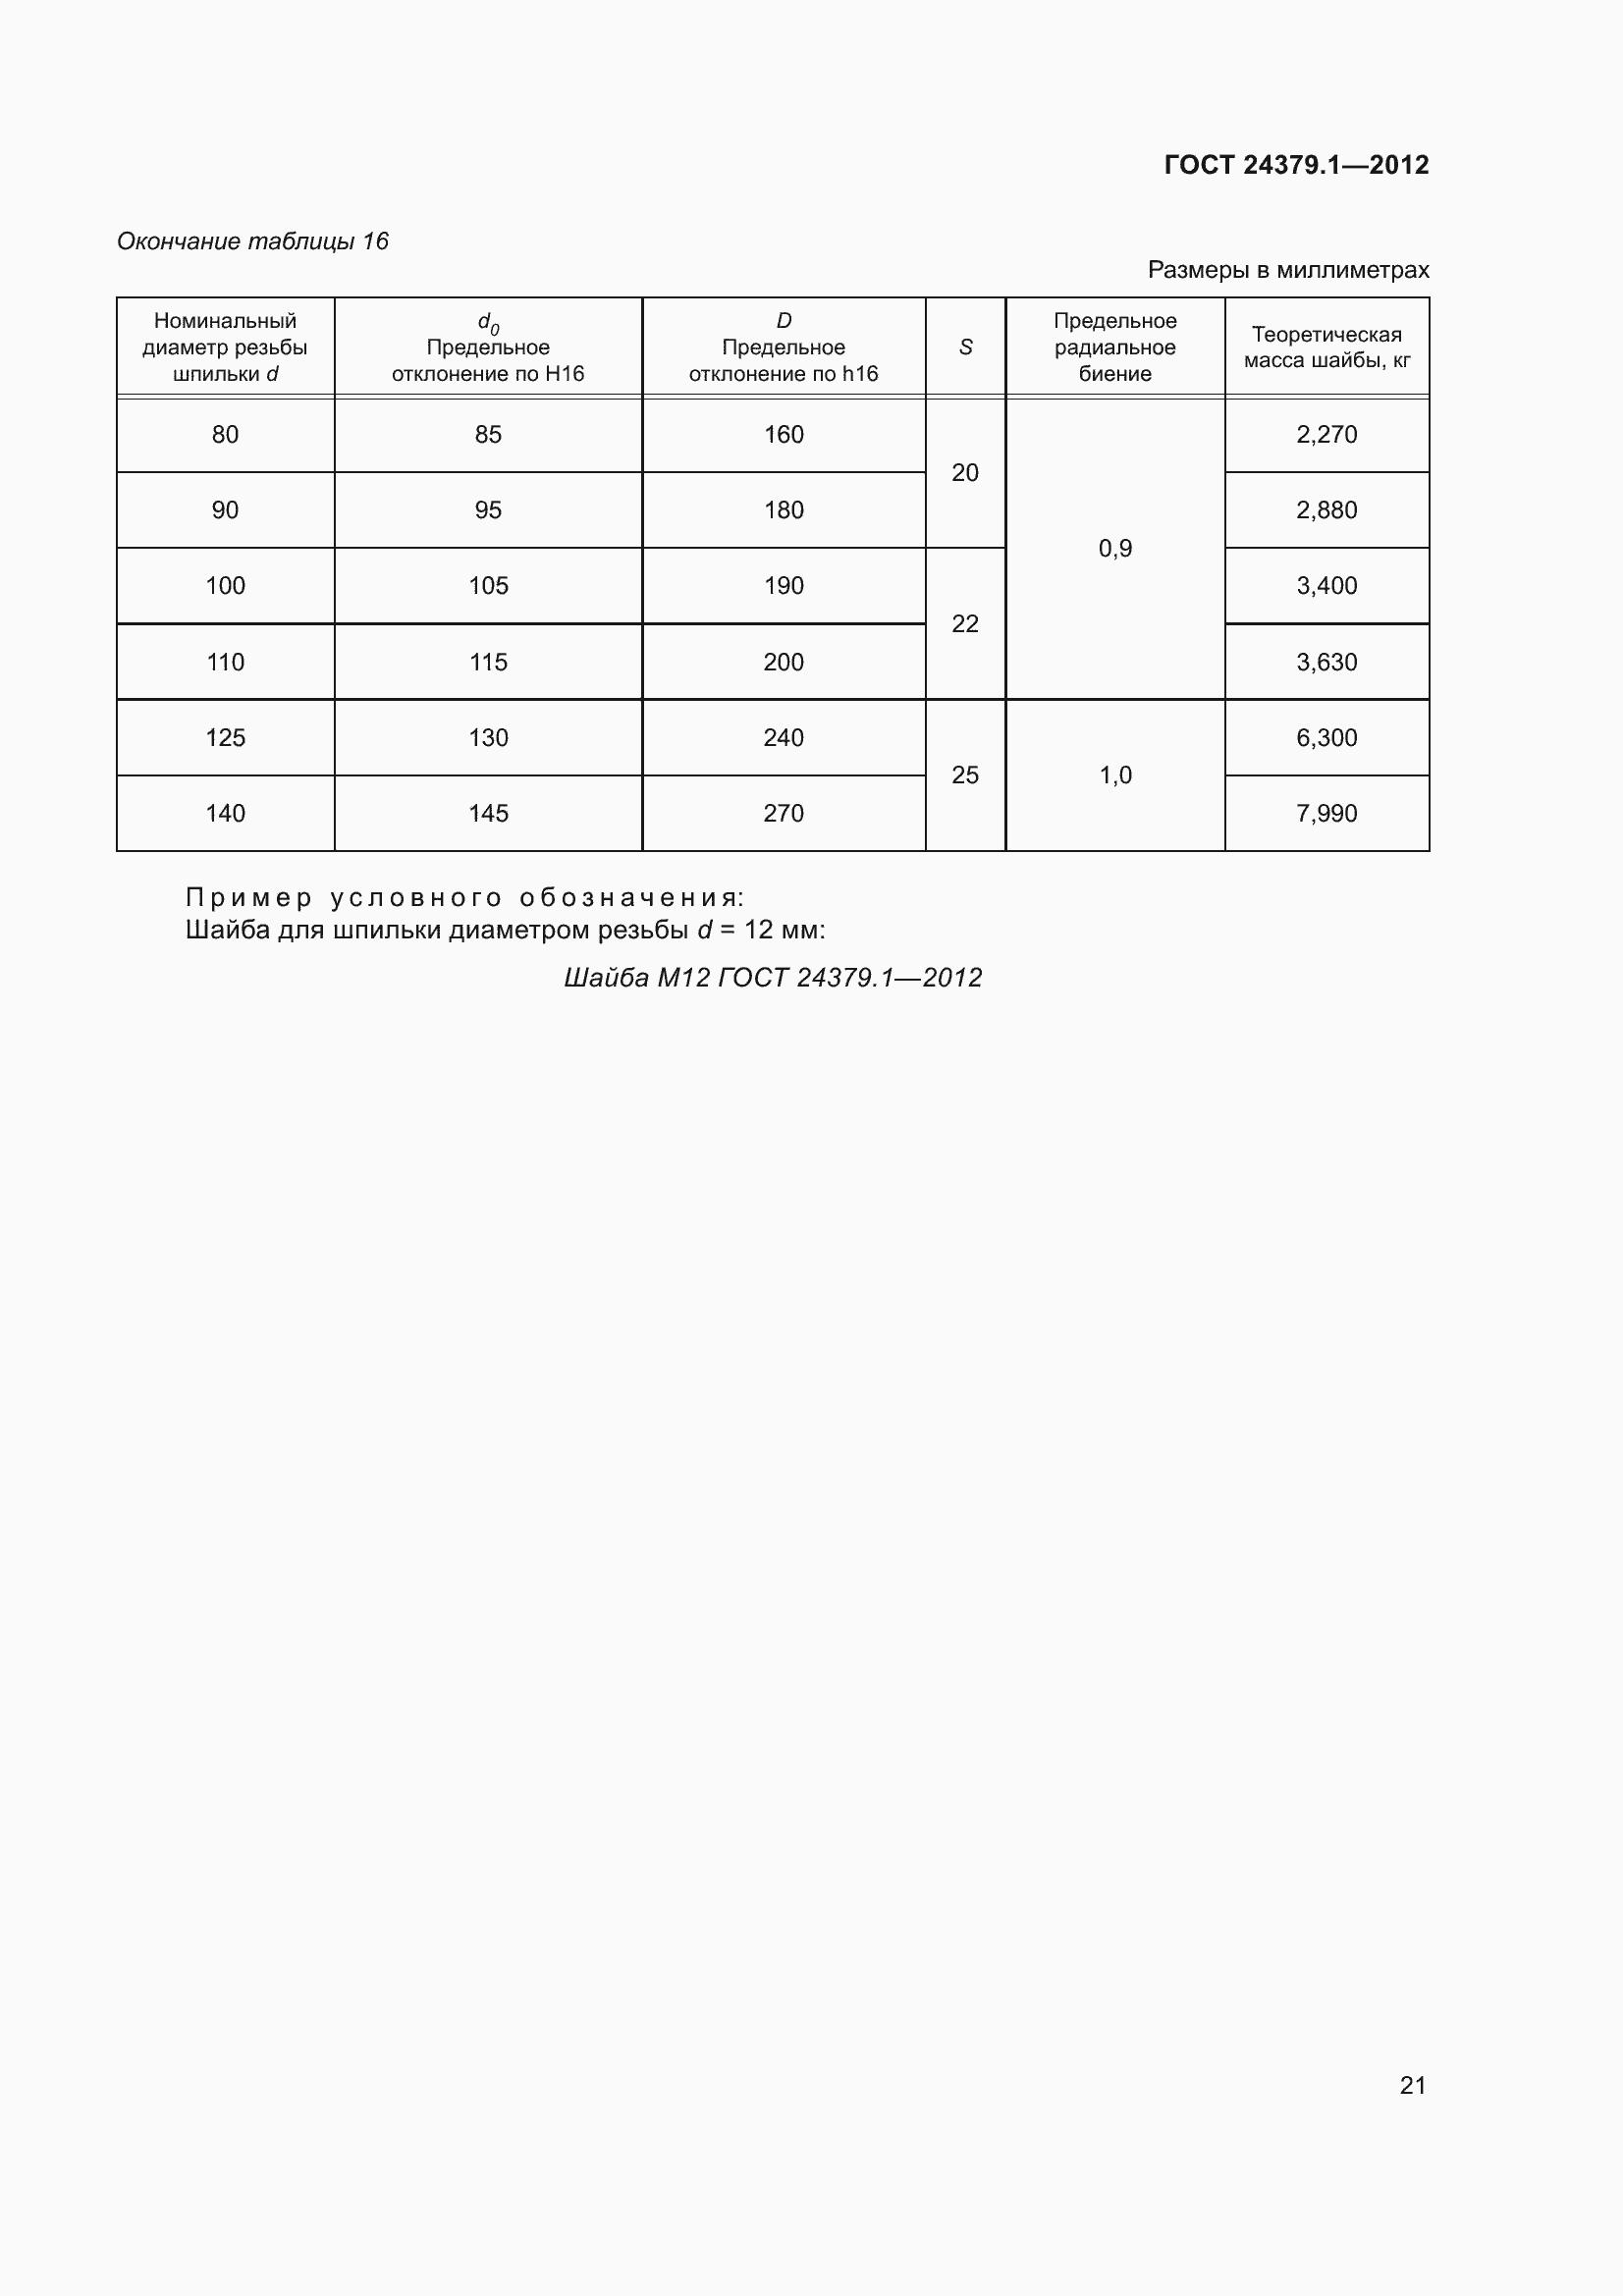 ГОСТ 24379.1-2012. Страница 27